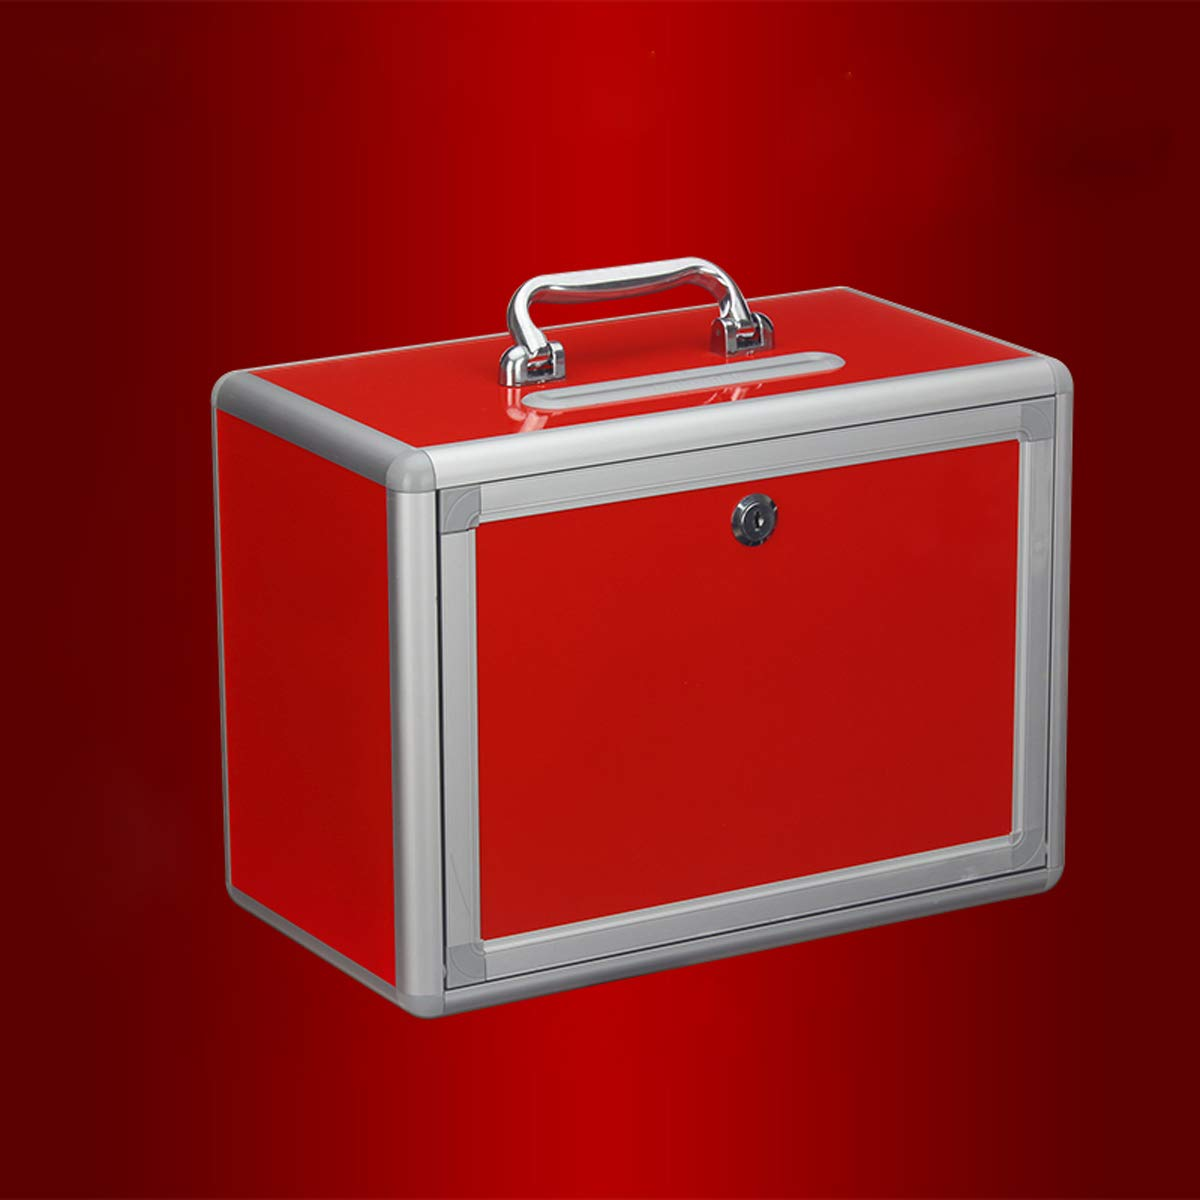 Caja roja Buz/ón de sugerencias port/átil con cerradura caja de donaci/ón de elecci/ón de donaci/ón de quejas urna de escritorio,caridad caja de recolecci/ón